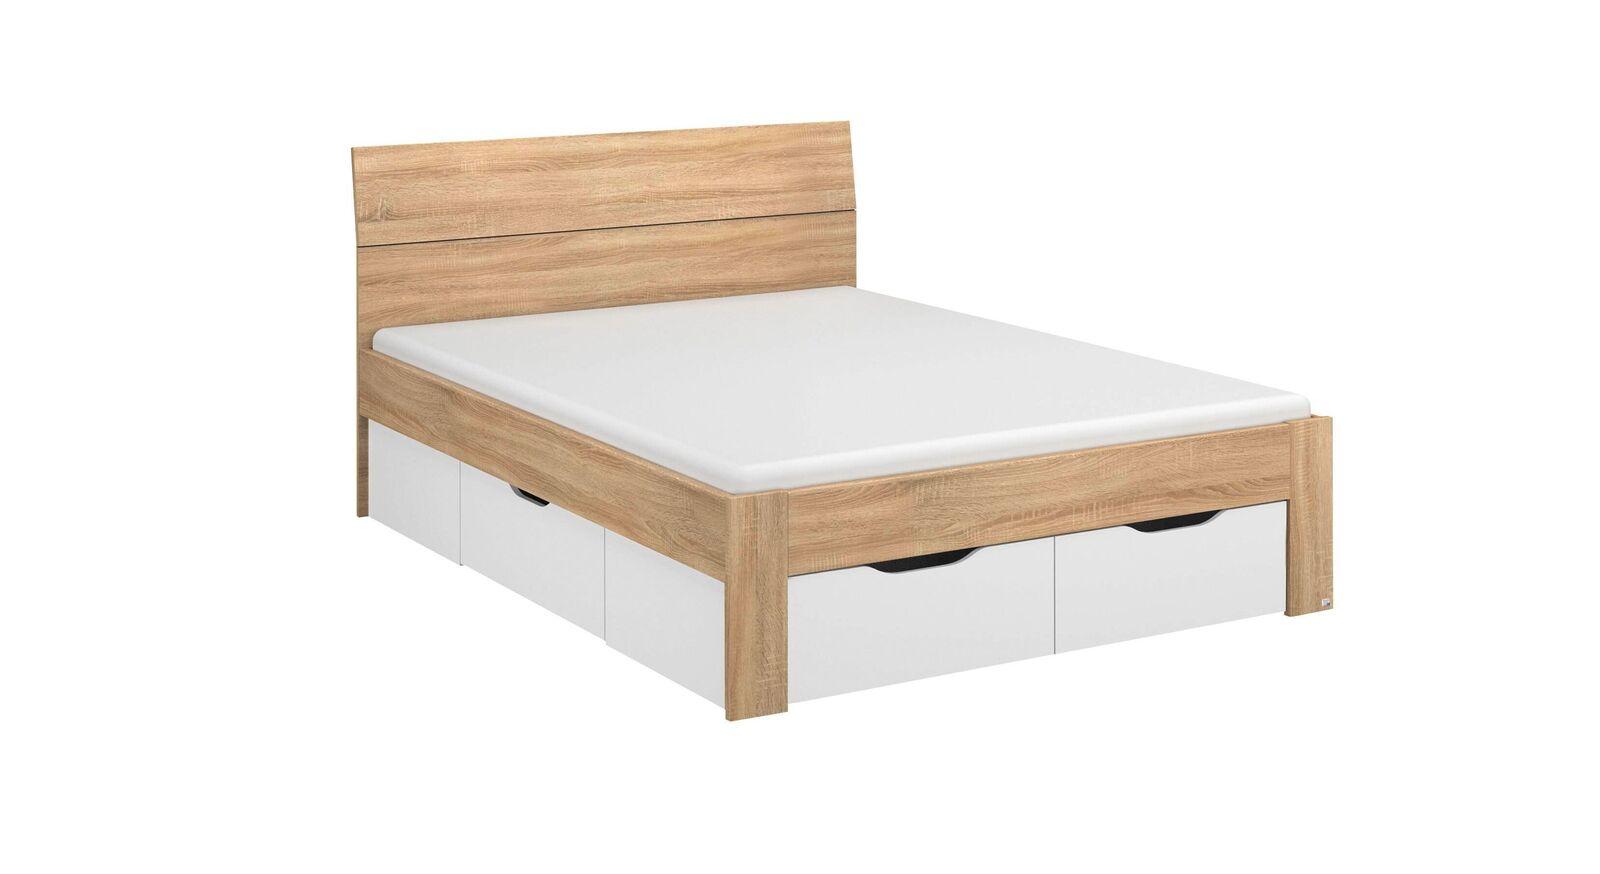 Modernes Schubkastenbett Oliana zum günstigen Preis